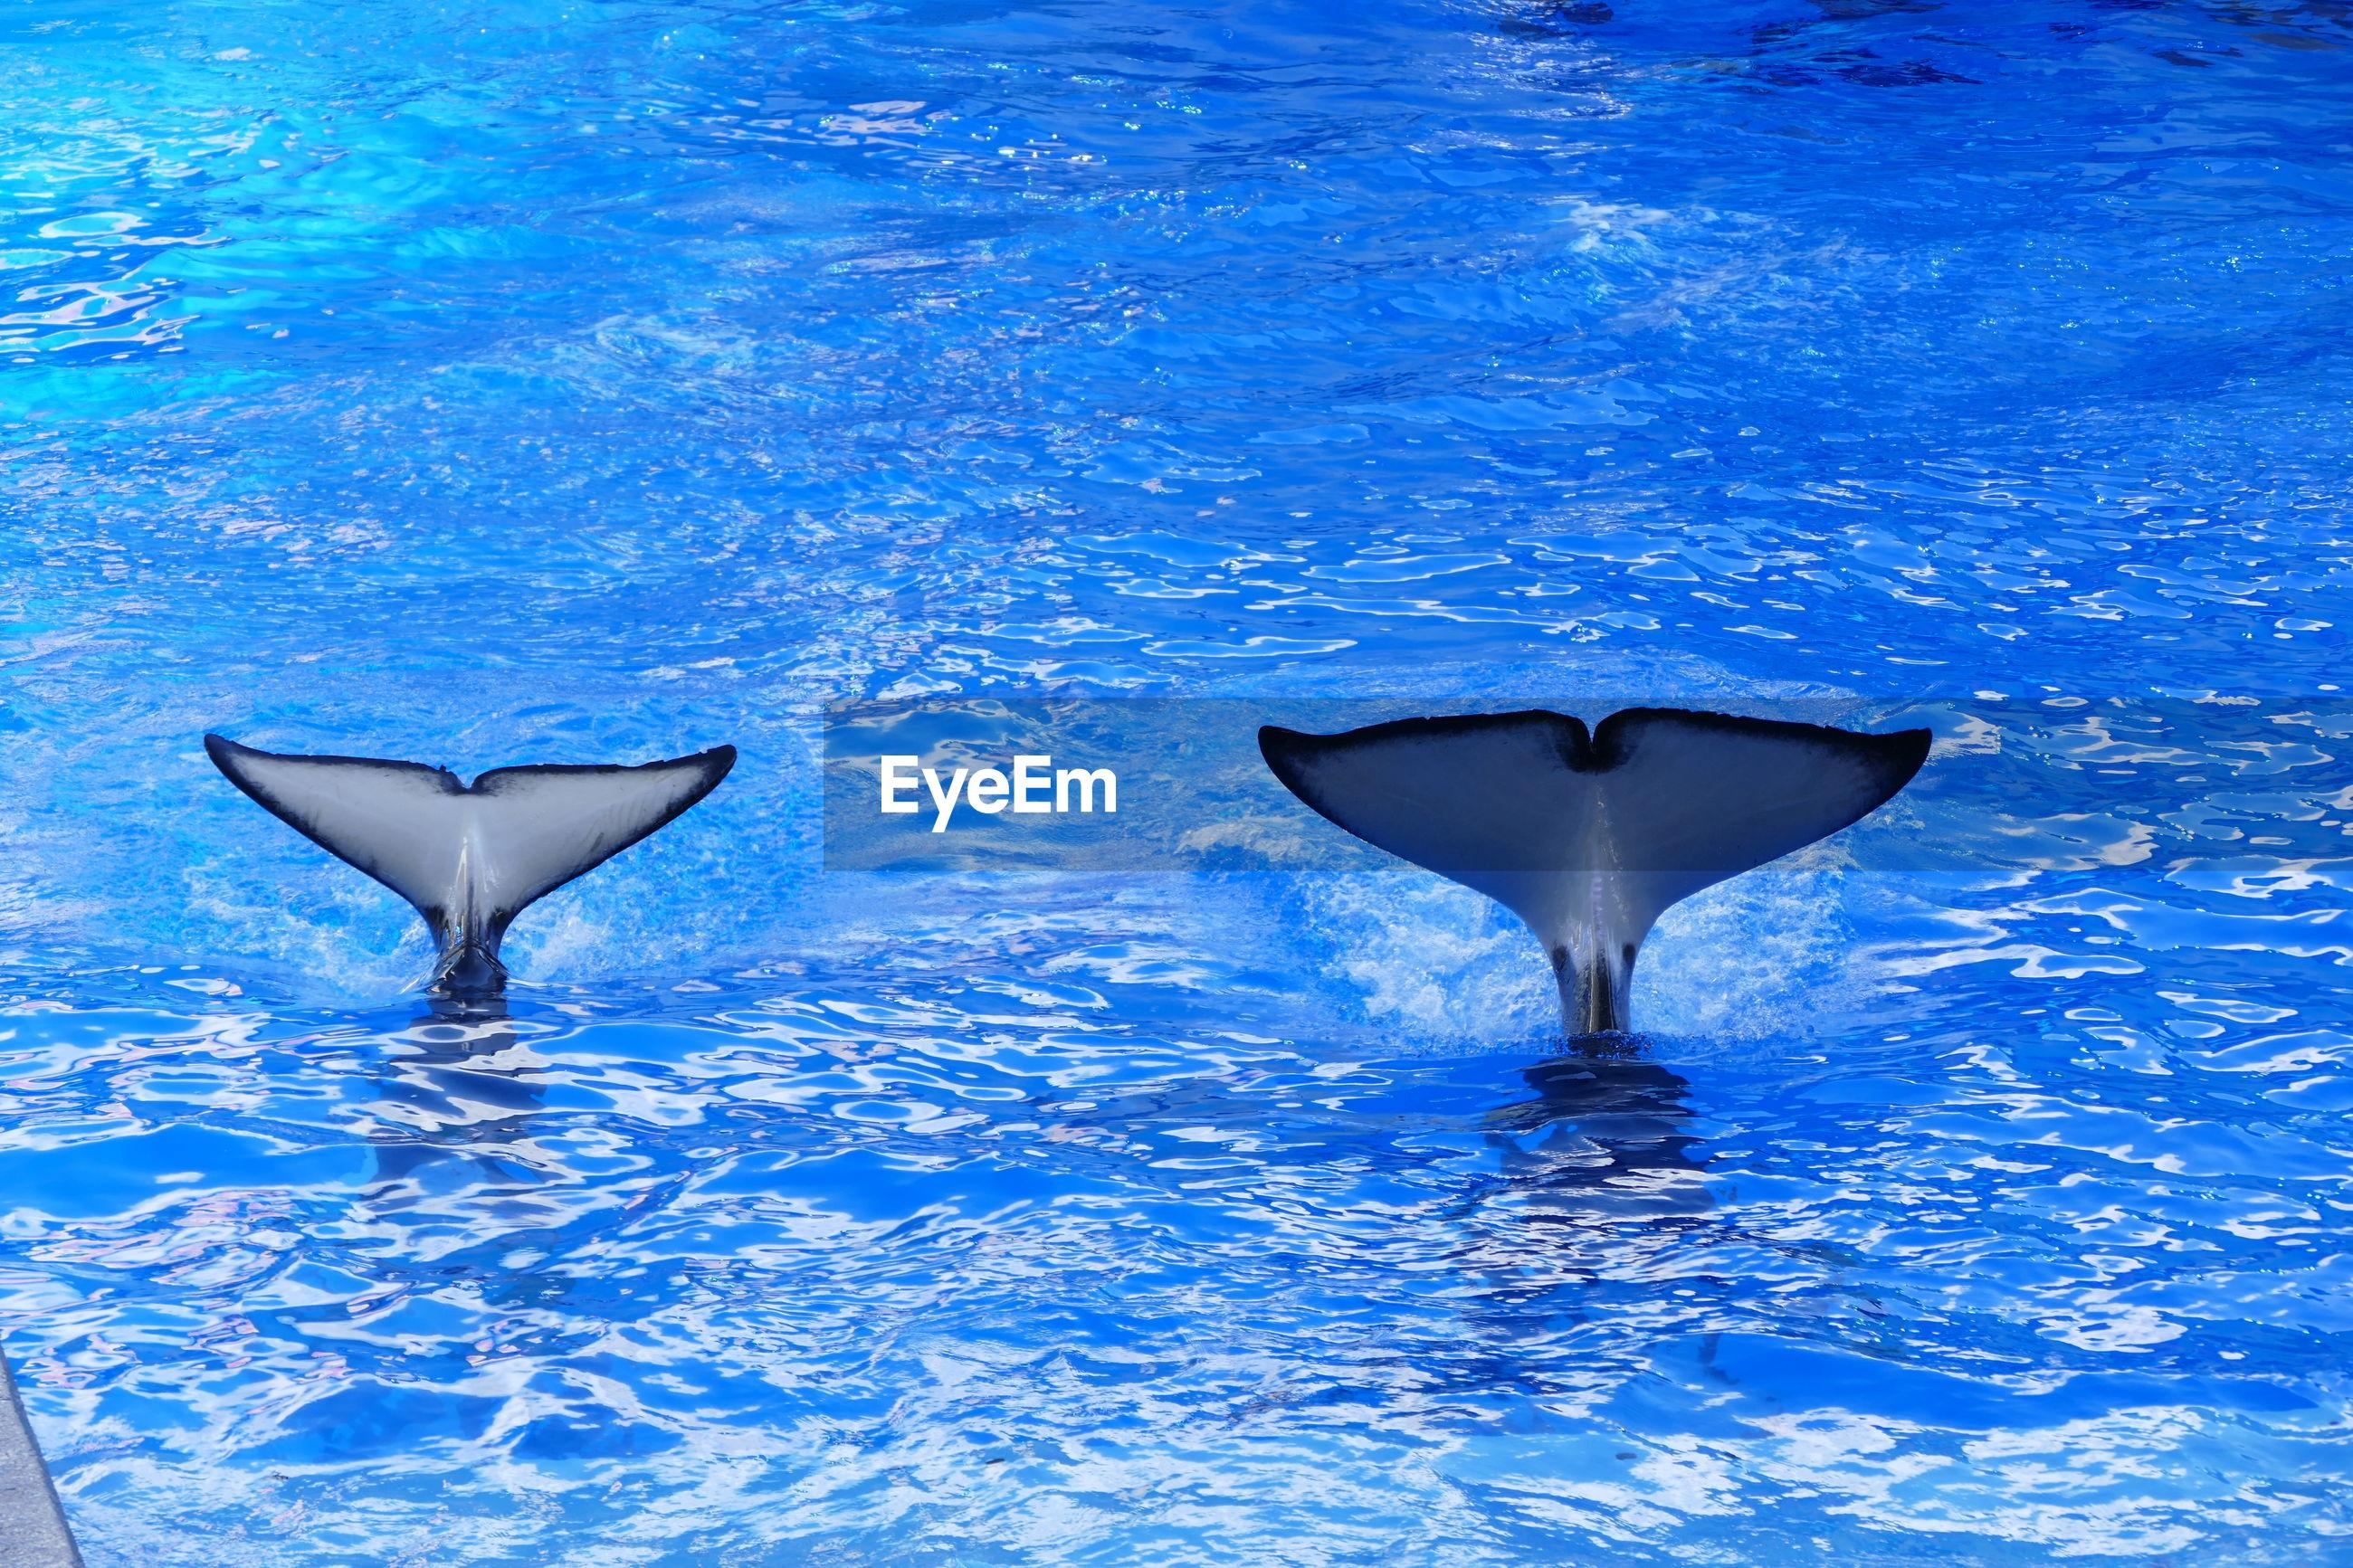 Whales flukes